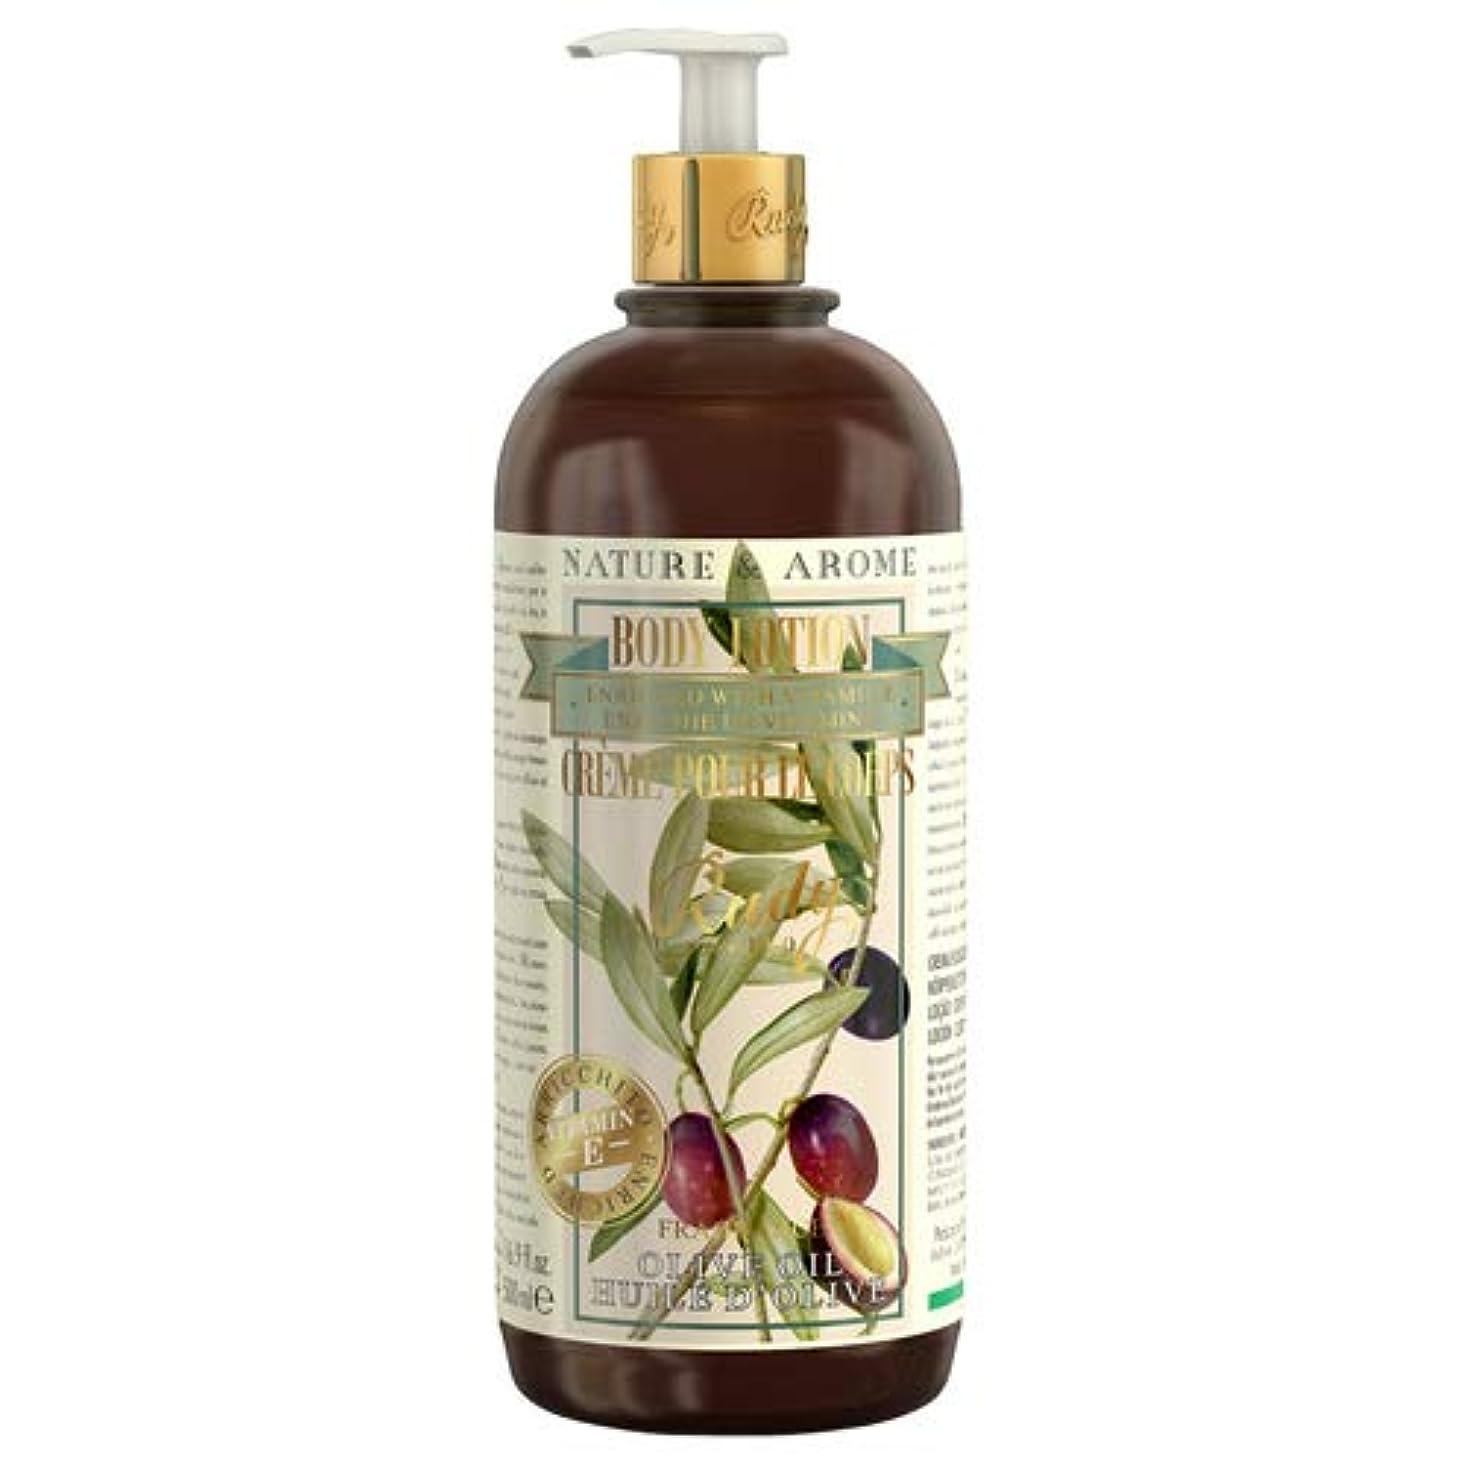 母性トランスミッション奇妙なルディ(Rudy) RUDY Nature&Arome Apothecary ネイチャーアロマ アポセカリー Body Lotion ボディローション Olive Oil オリーブオイル